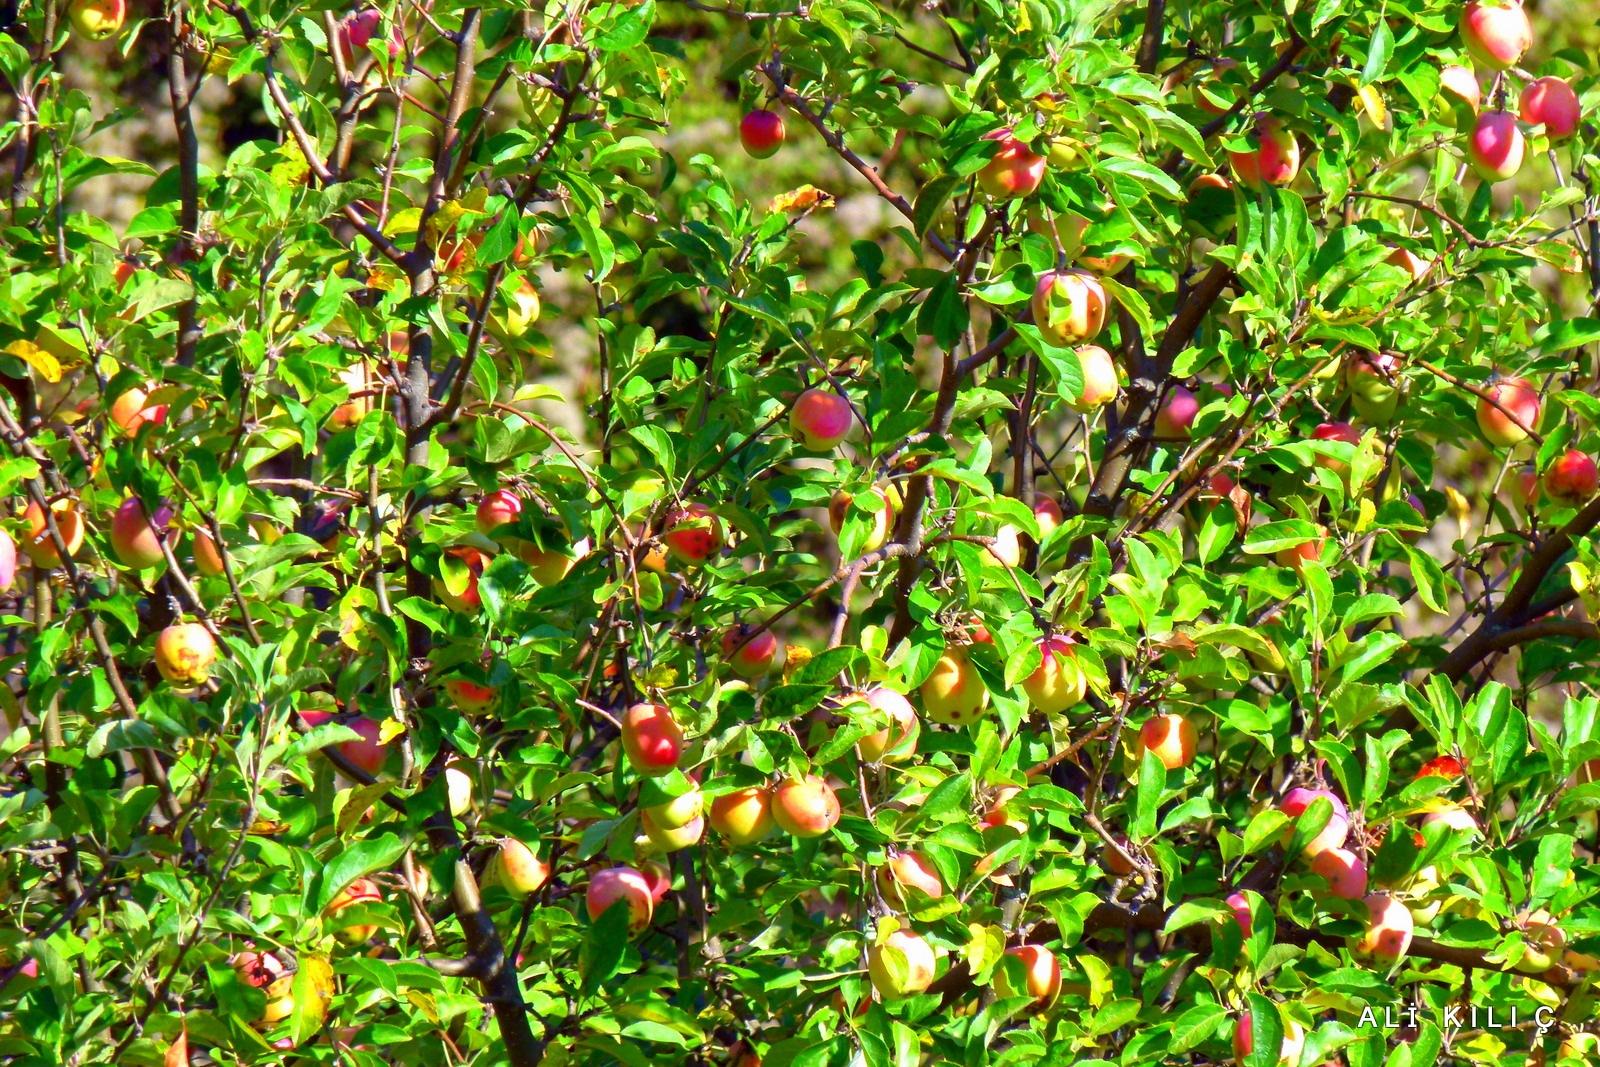 apples in the branch by Ali KILIÇ